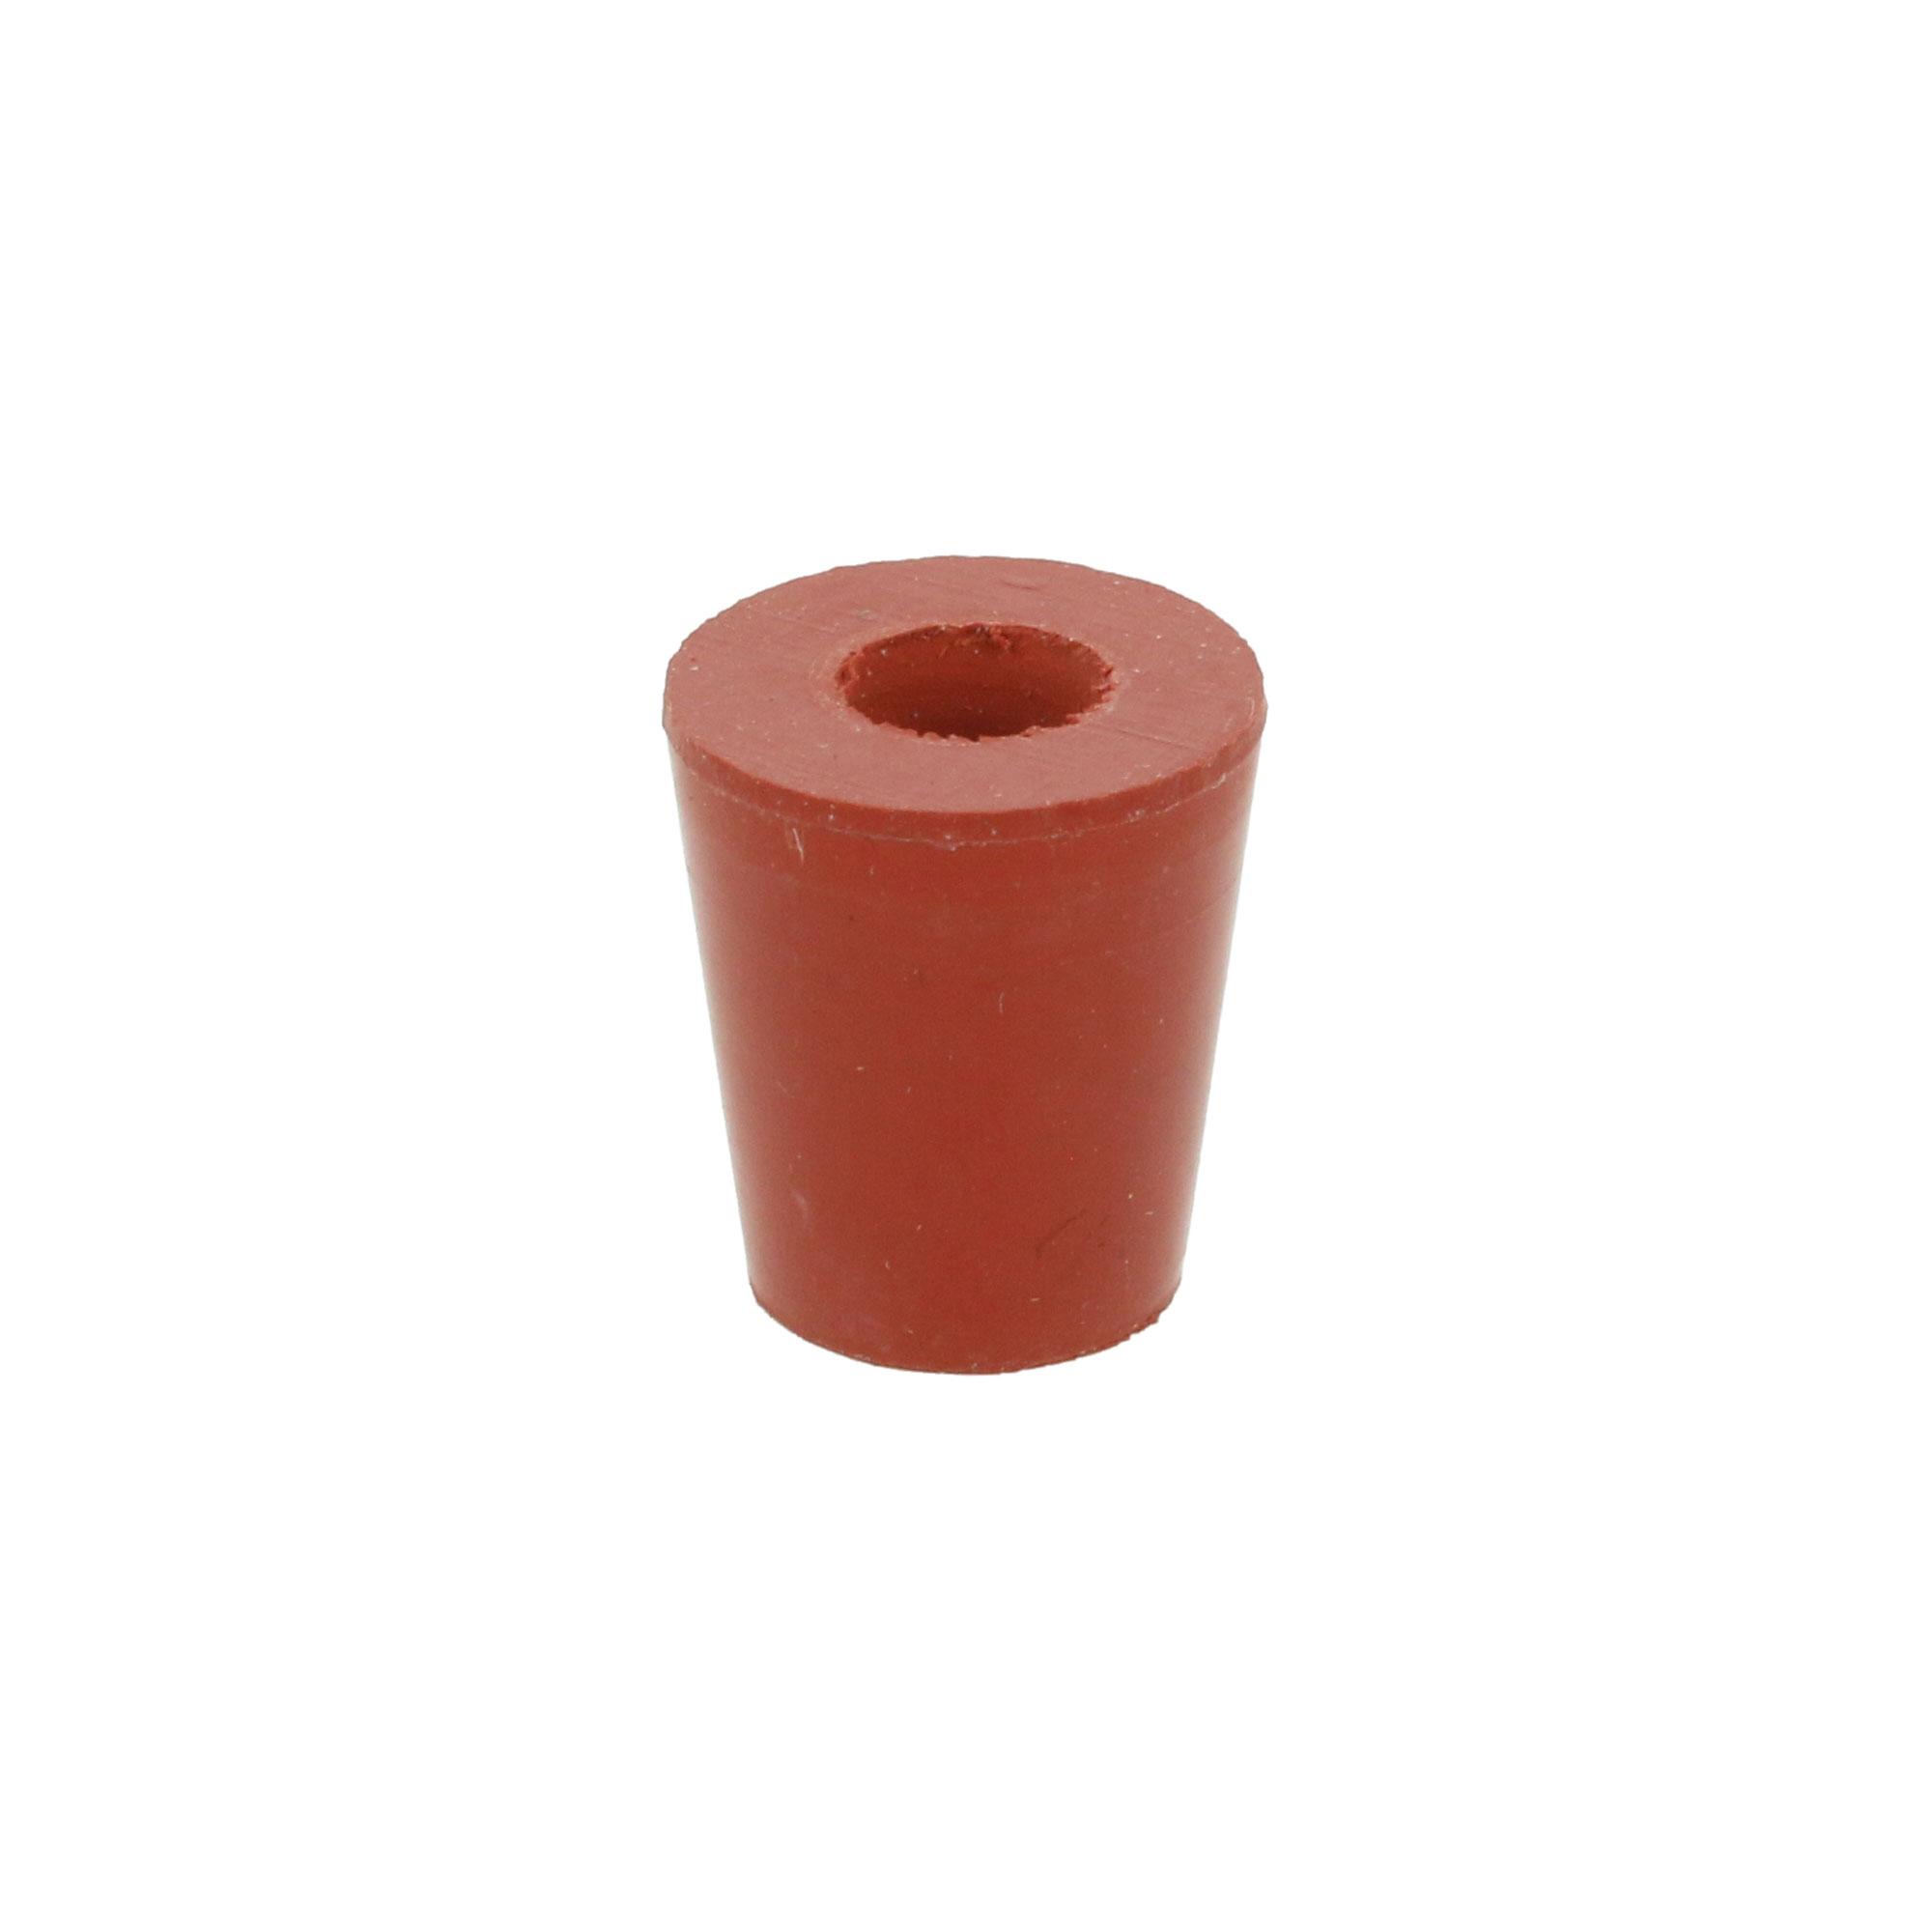 ひ素試験器用 ゴム栓No.0B 6mm穴付 5コ入